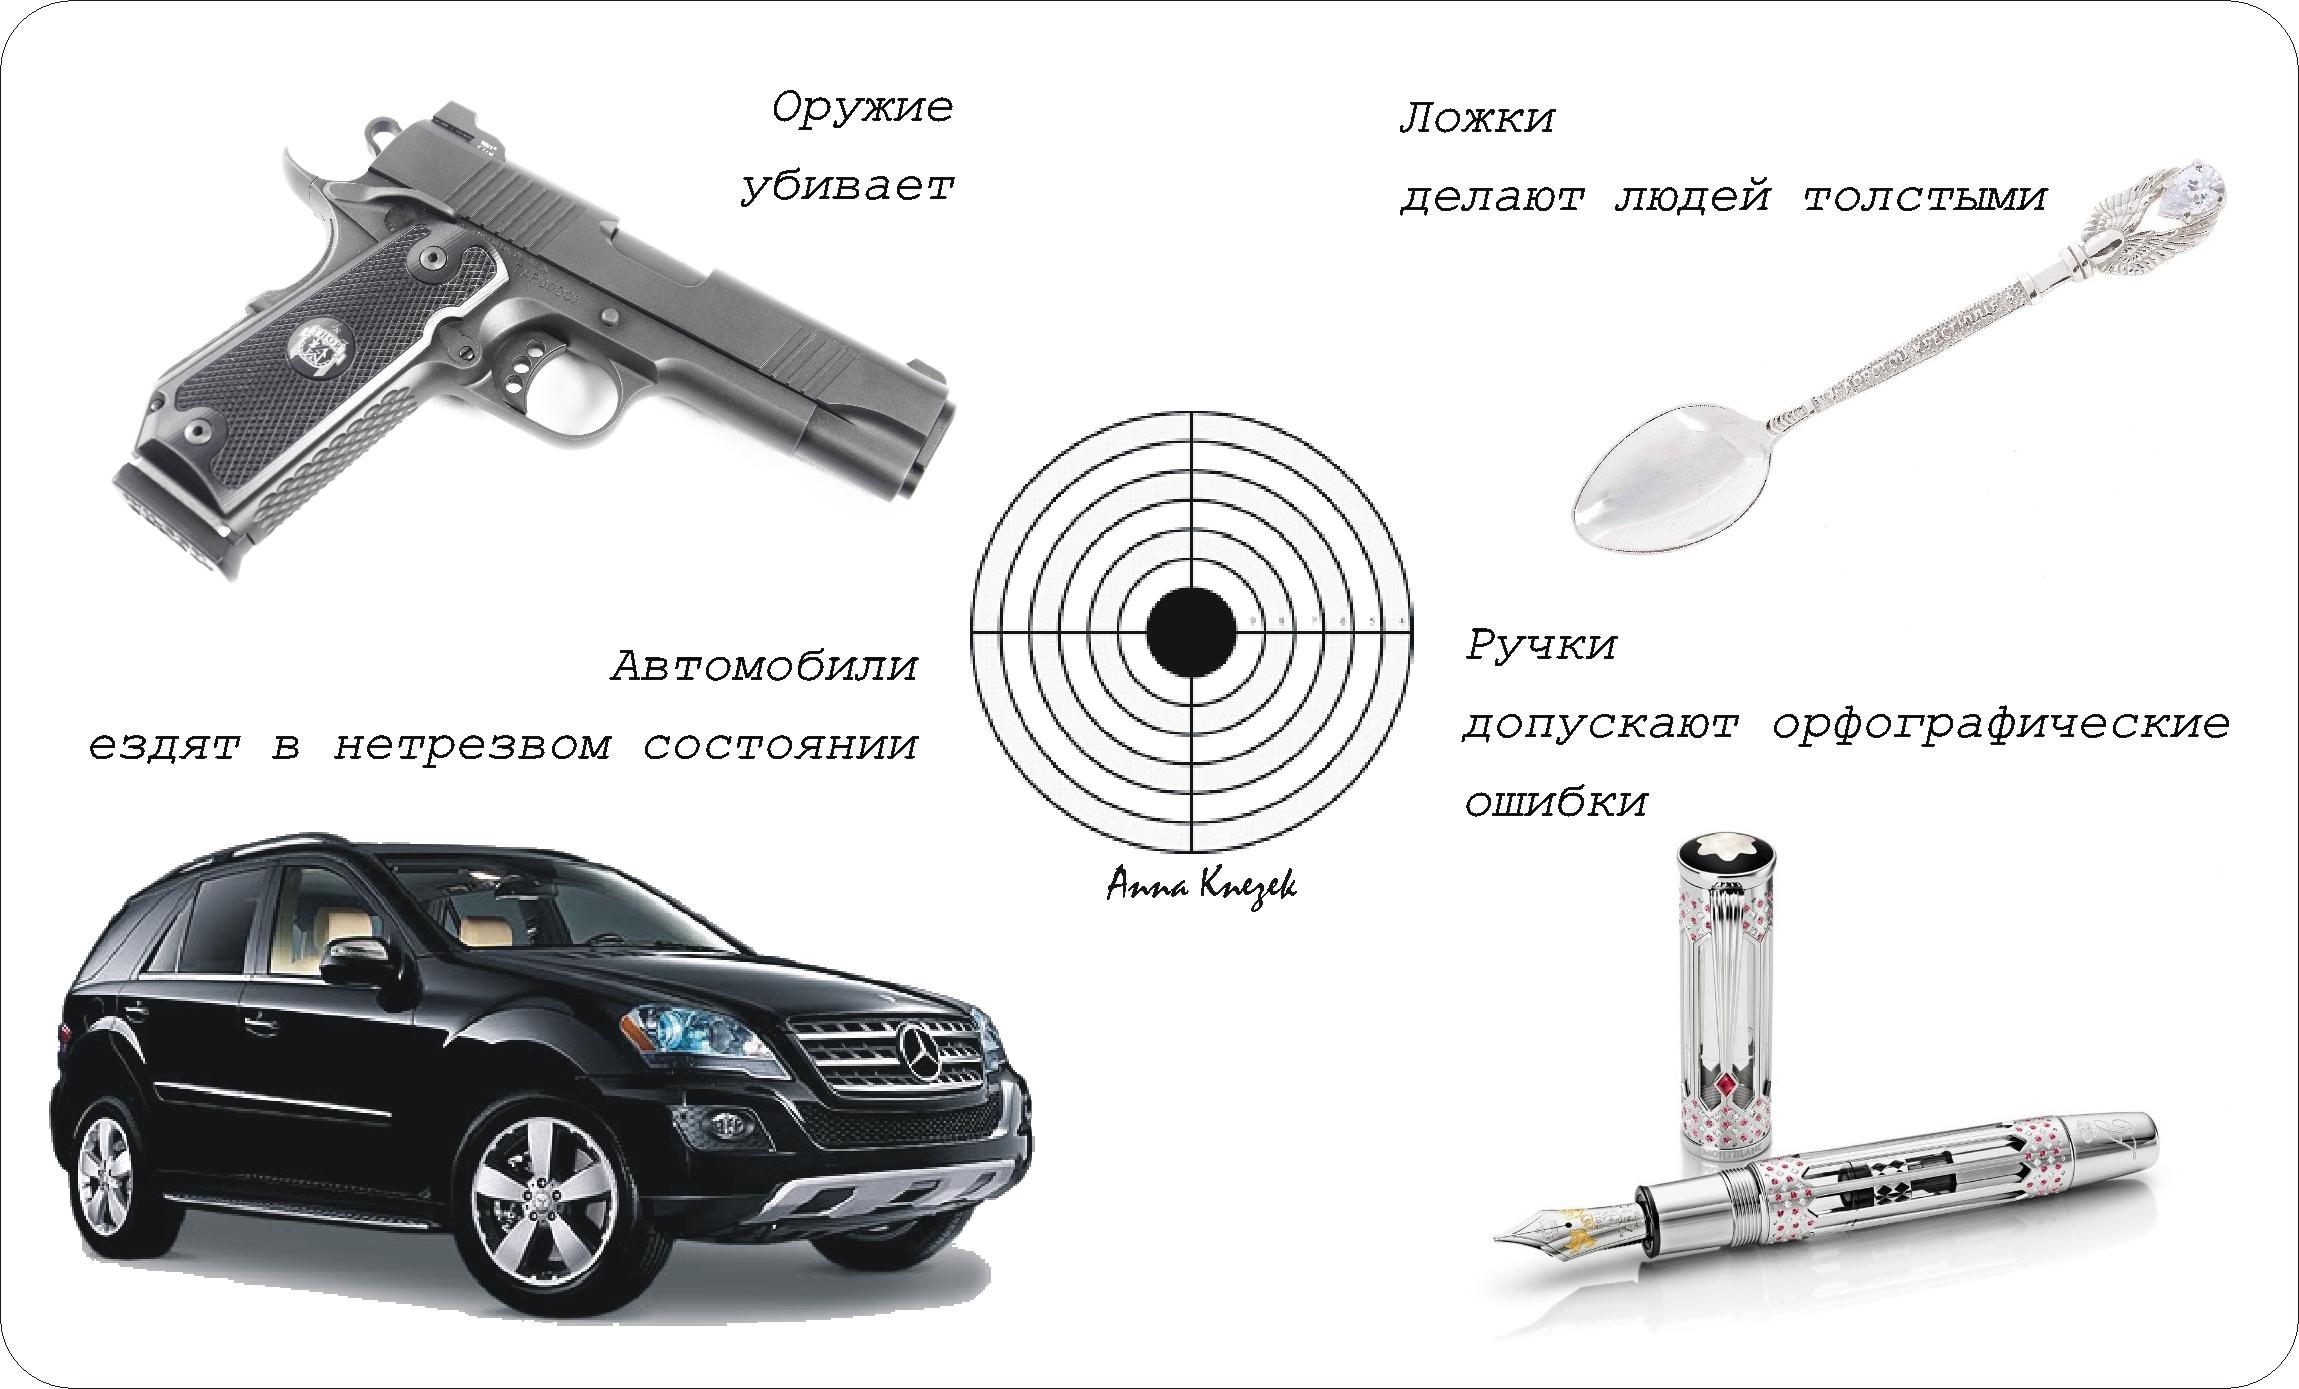 оружие убивает 2